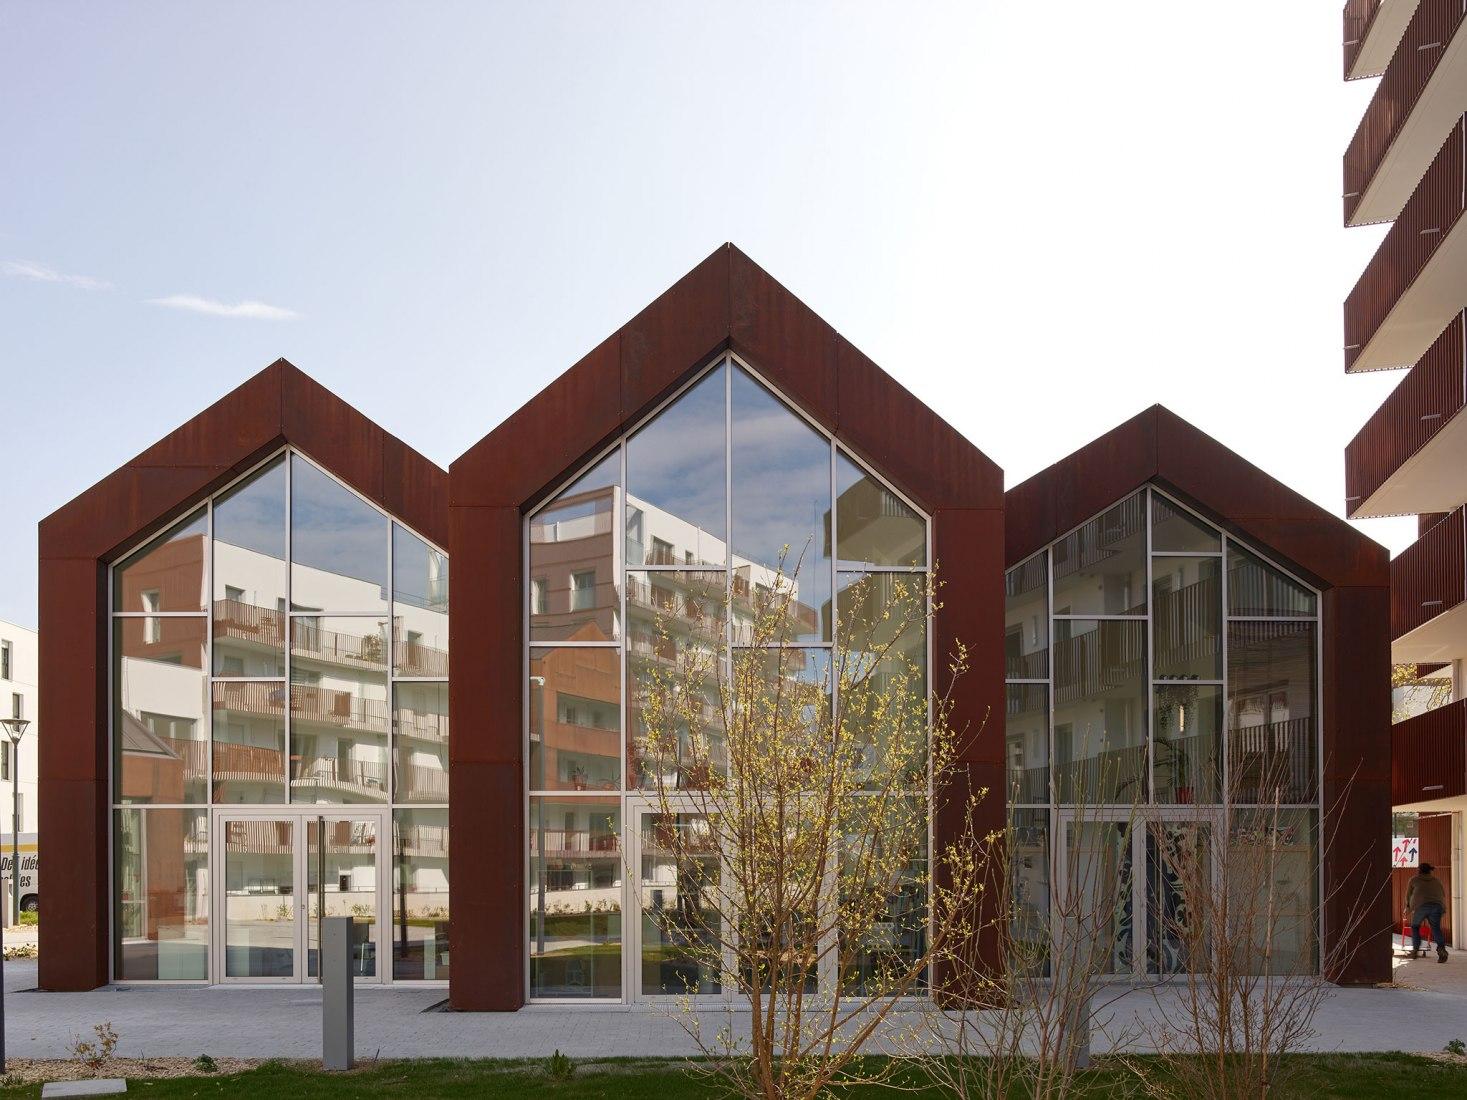 Le Cours des Arts. An intergenerational housing complex by a/LTA. Photograph by S. Chalmeau